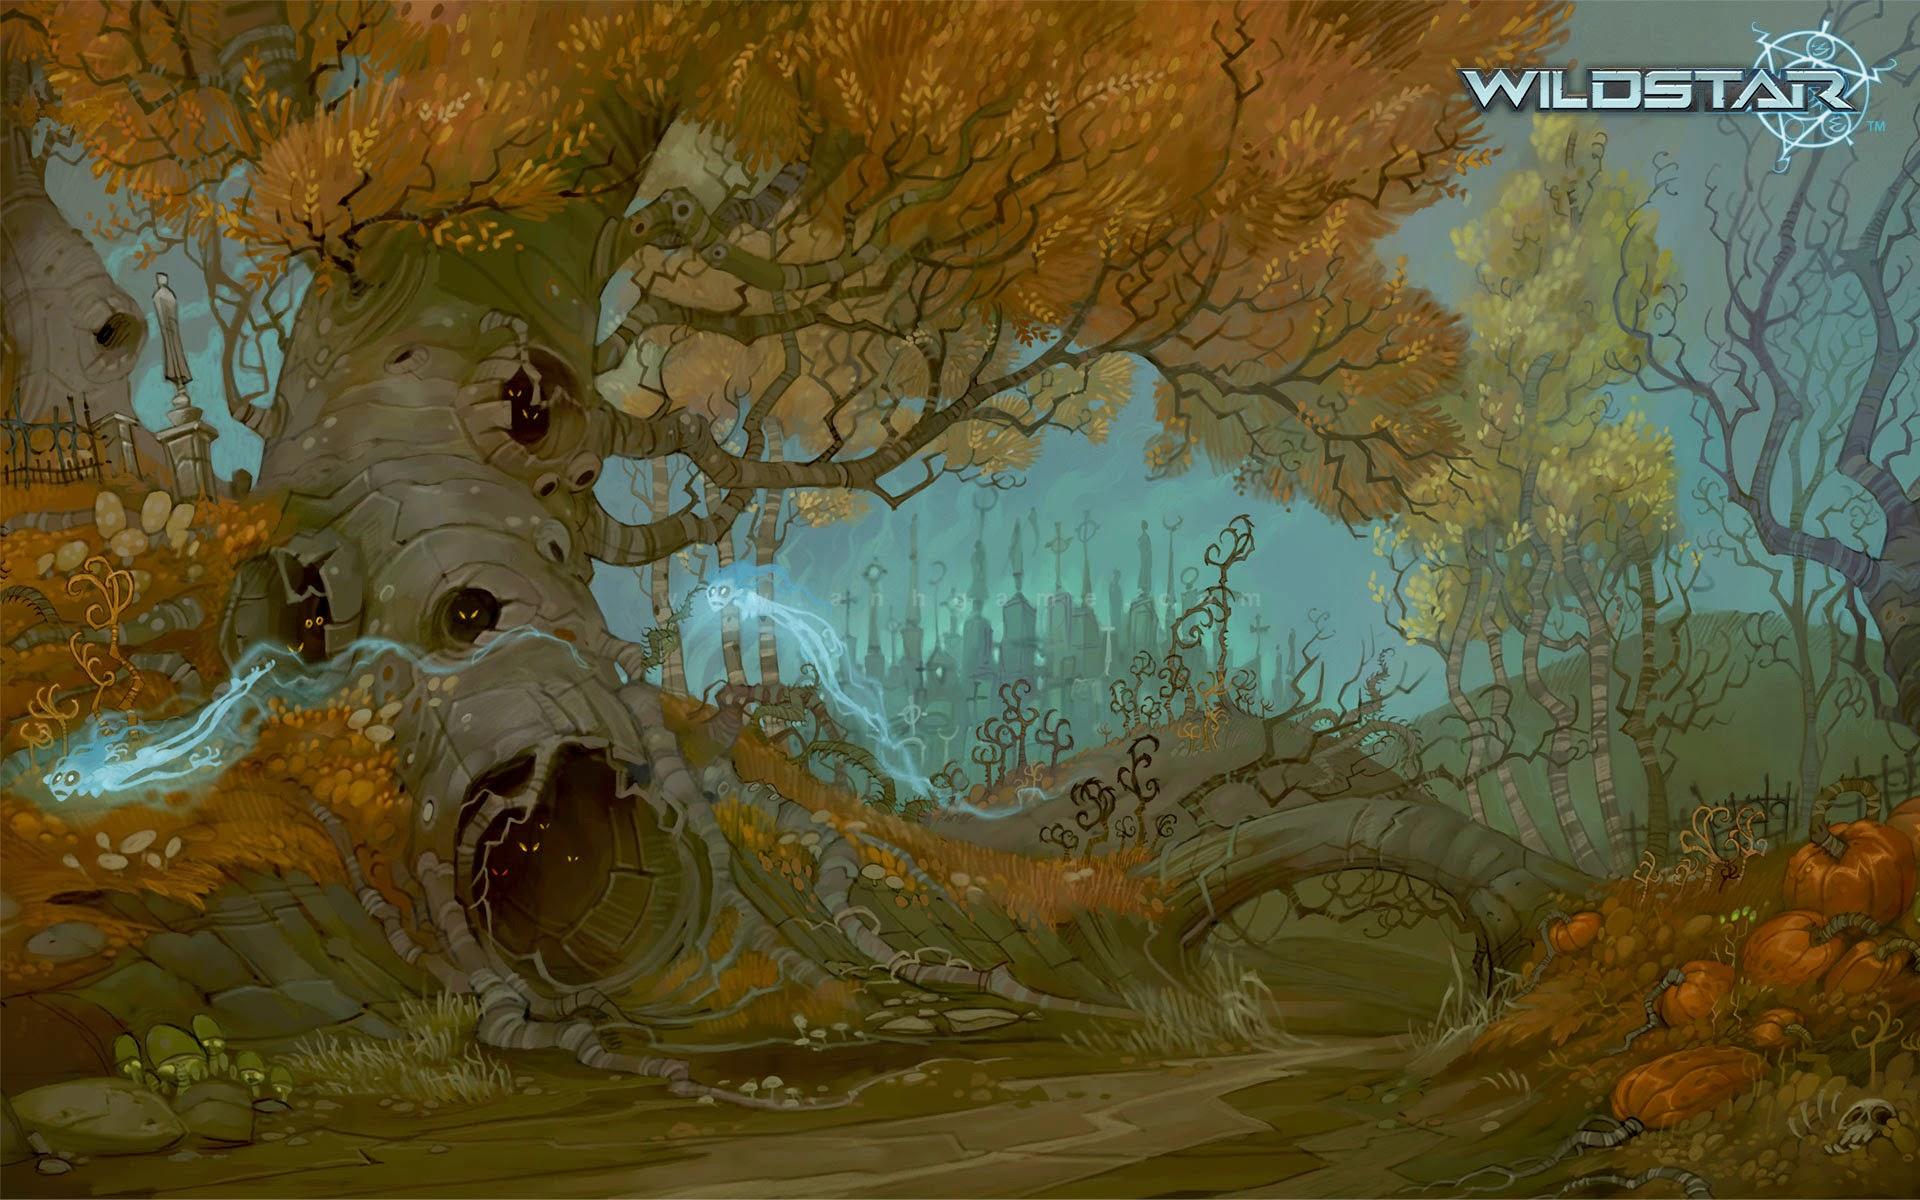 Loạt hình nền đẹp mắt của MMORPG Wild Star - Ảnh 11